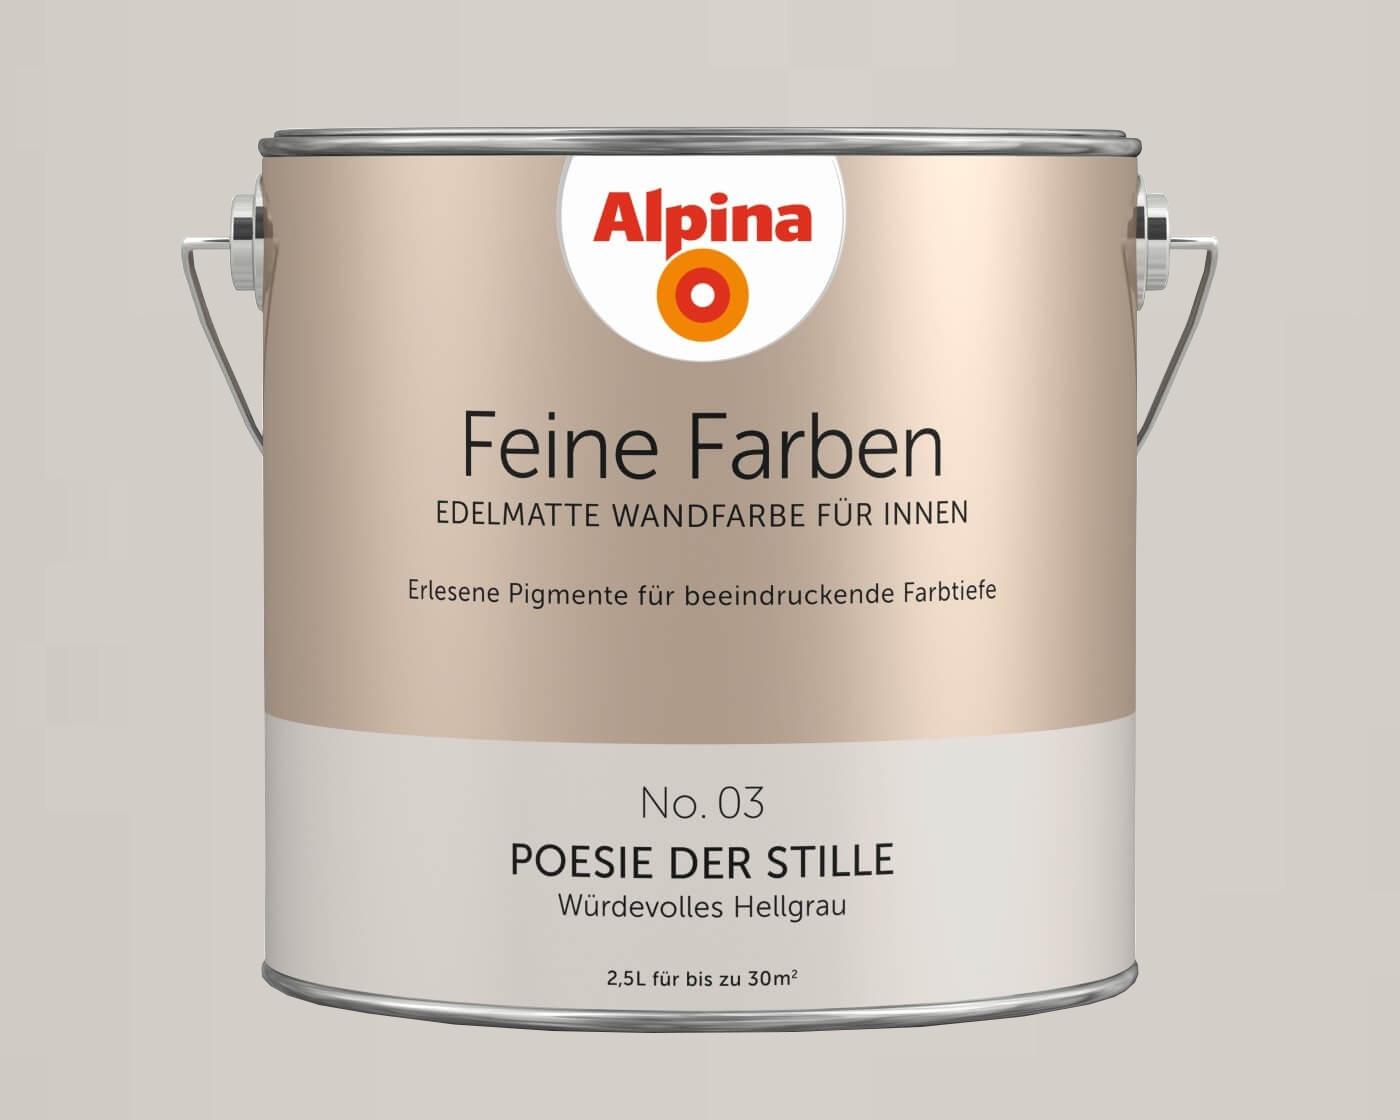 alpina feine farben hier zum bestpreis kaufen markenbaumarkt24. Black Bedroom Furniture Sets. Home Design Ideas